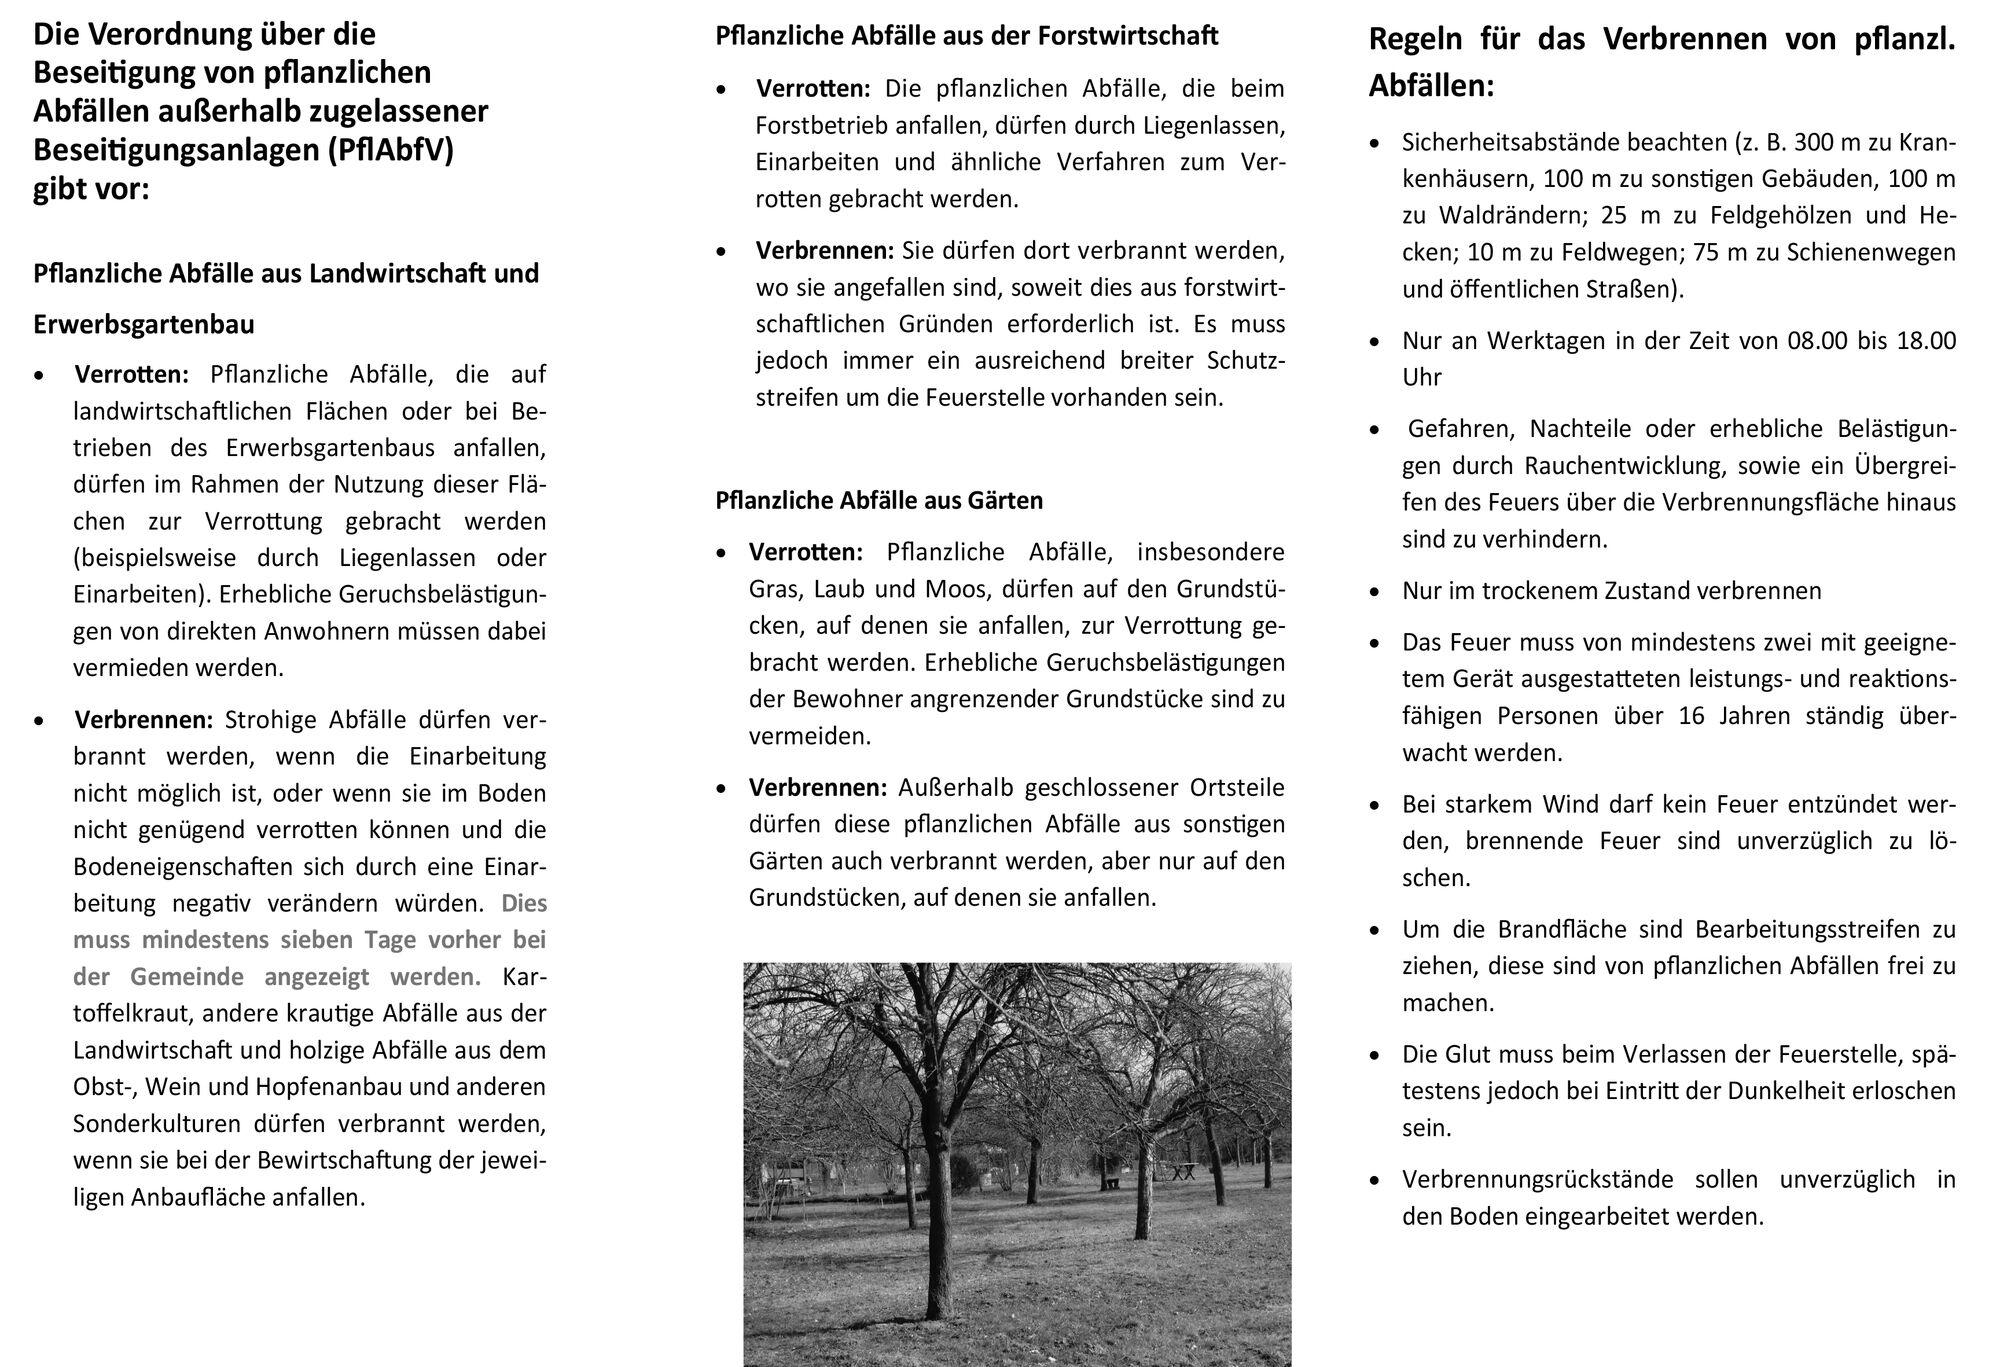 Infoblatt Nr. 06 - Beseitig ung pflanzlicher Abfälle-2